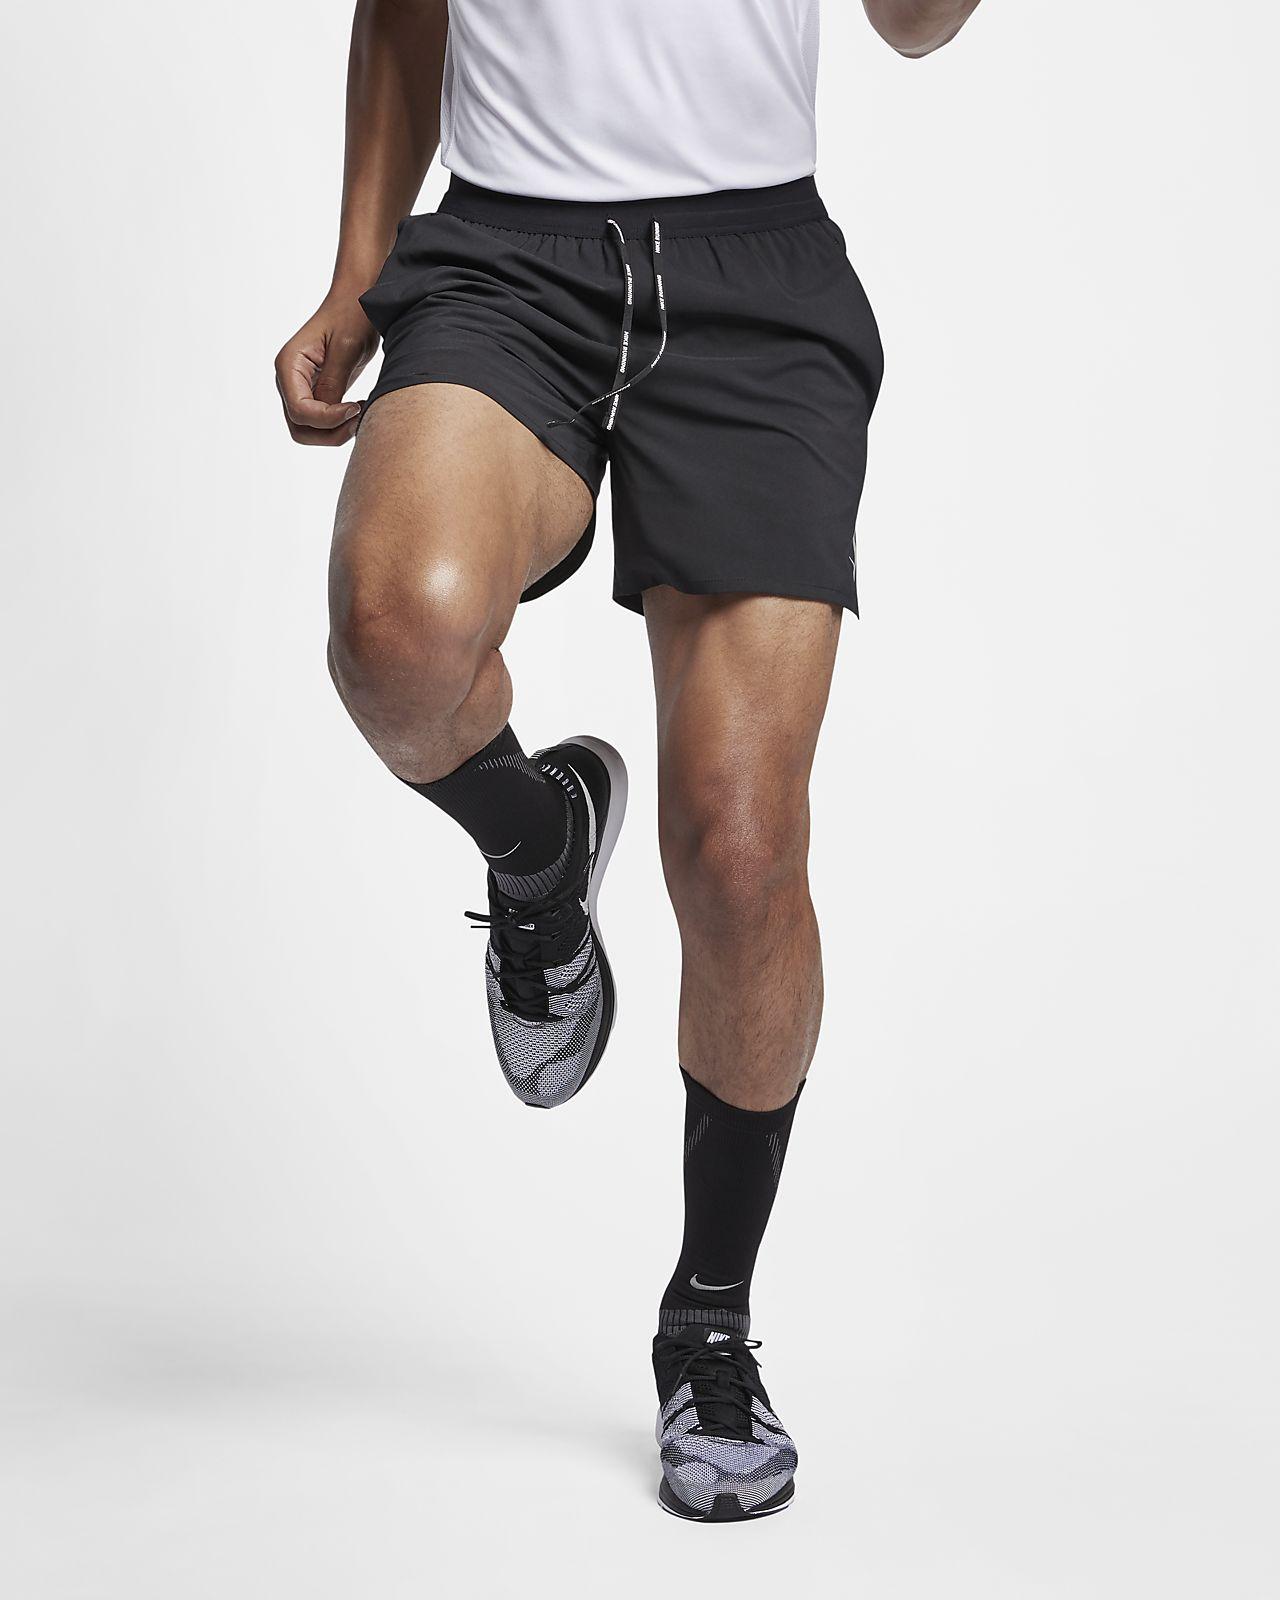 b0dc93bd036 Nike Flex Stride Men's 5